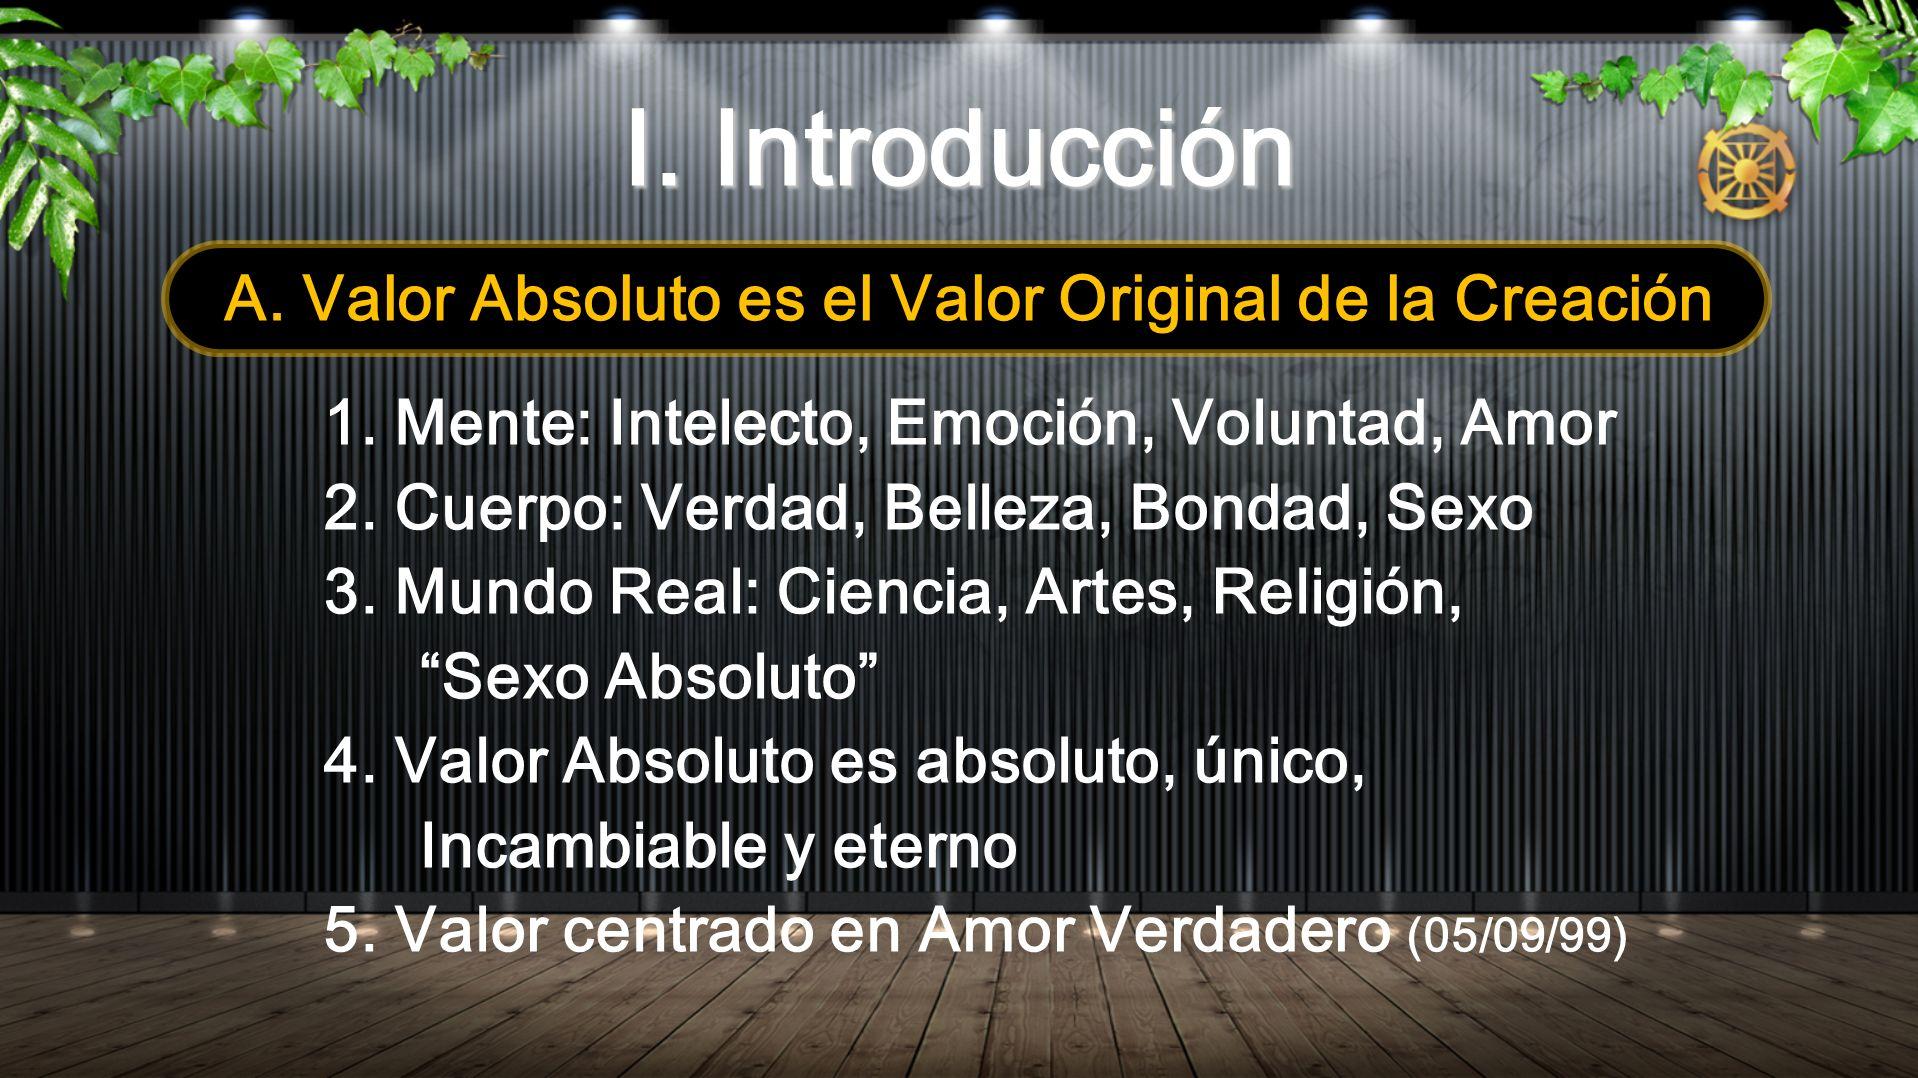 A. Valor Absoluto es el Valor Original de la Creación